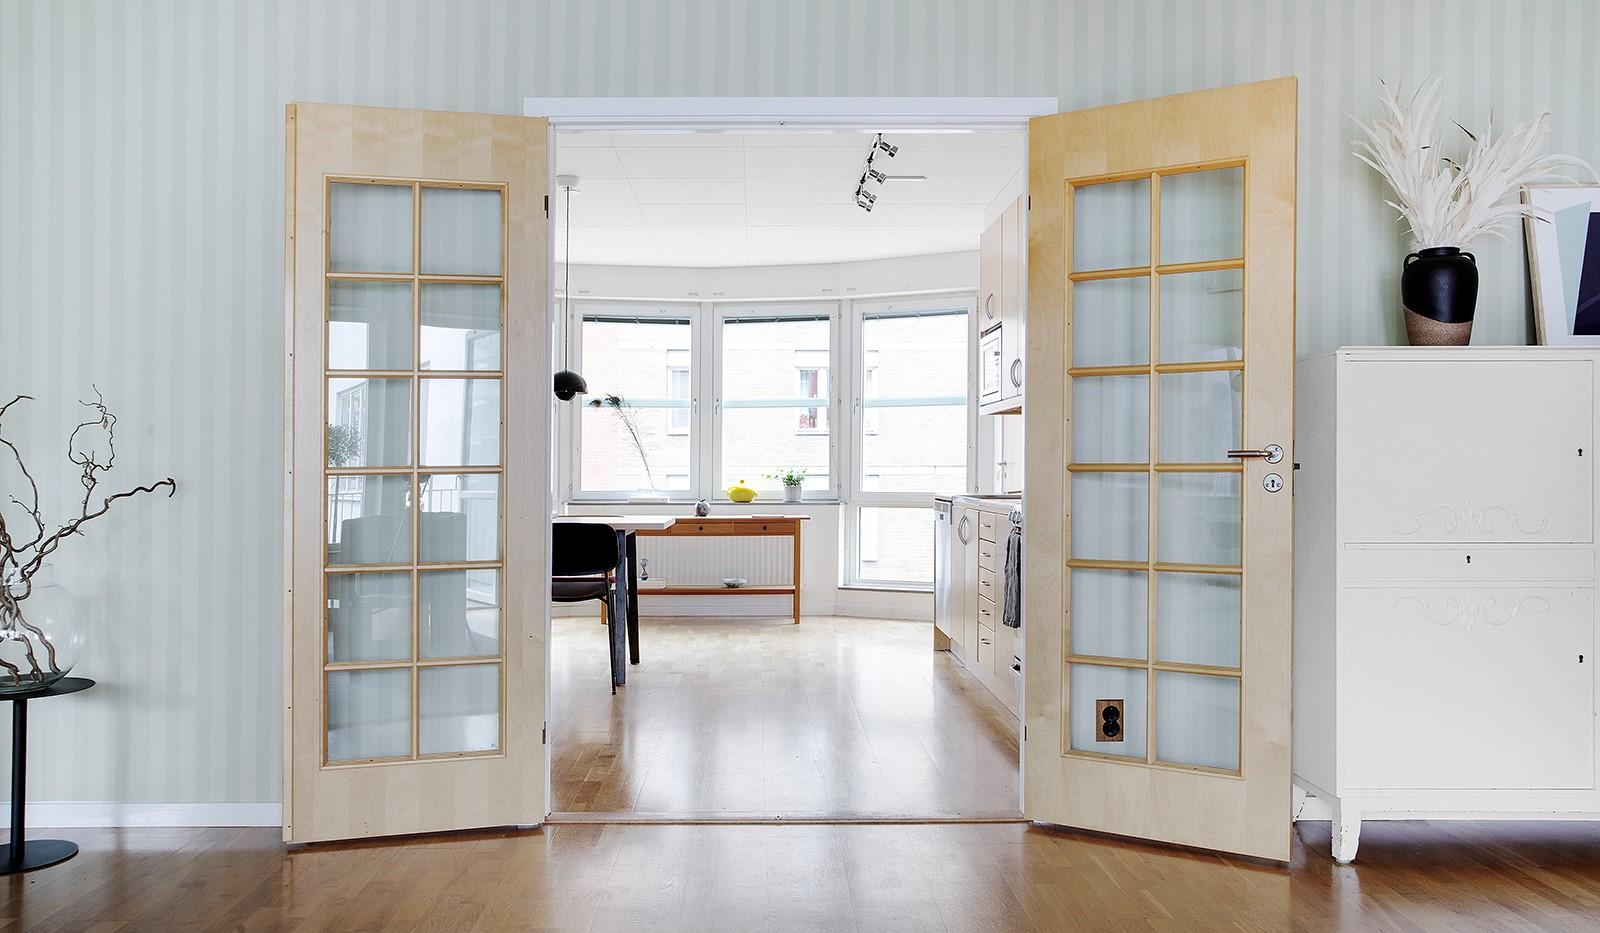 Åsögatan 106 - Par i spegeldörrar med träspröjs.